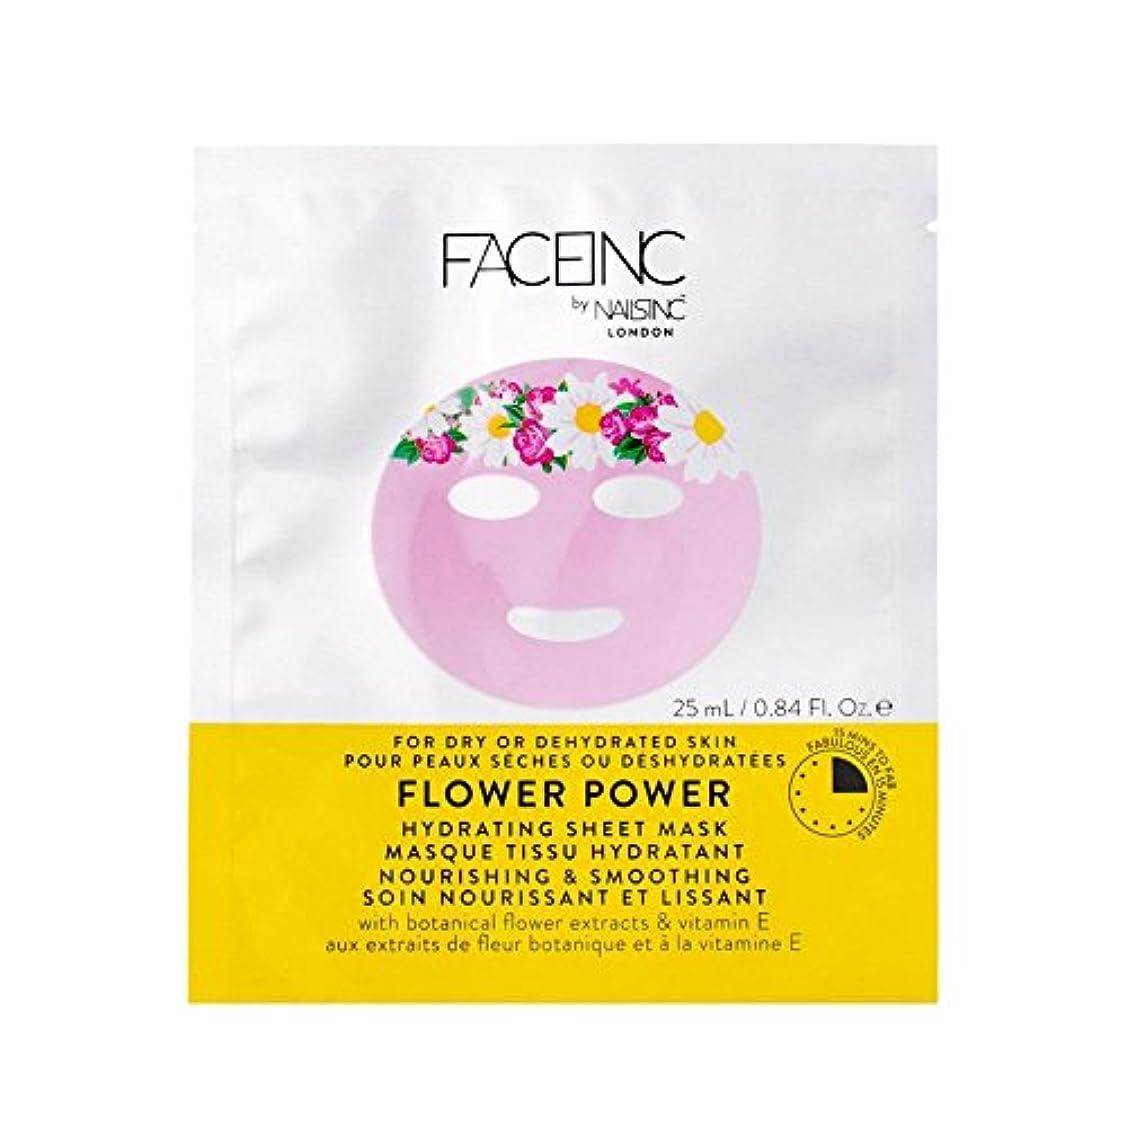 悪質などちらか何Nails Inc. Face Inc Flower Power Mask (Pack of 6) - 爪が株式会社顔株式会社花のパワーマスク x6 [並行輸入品]